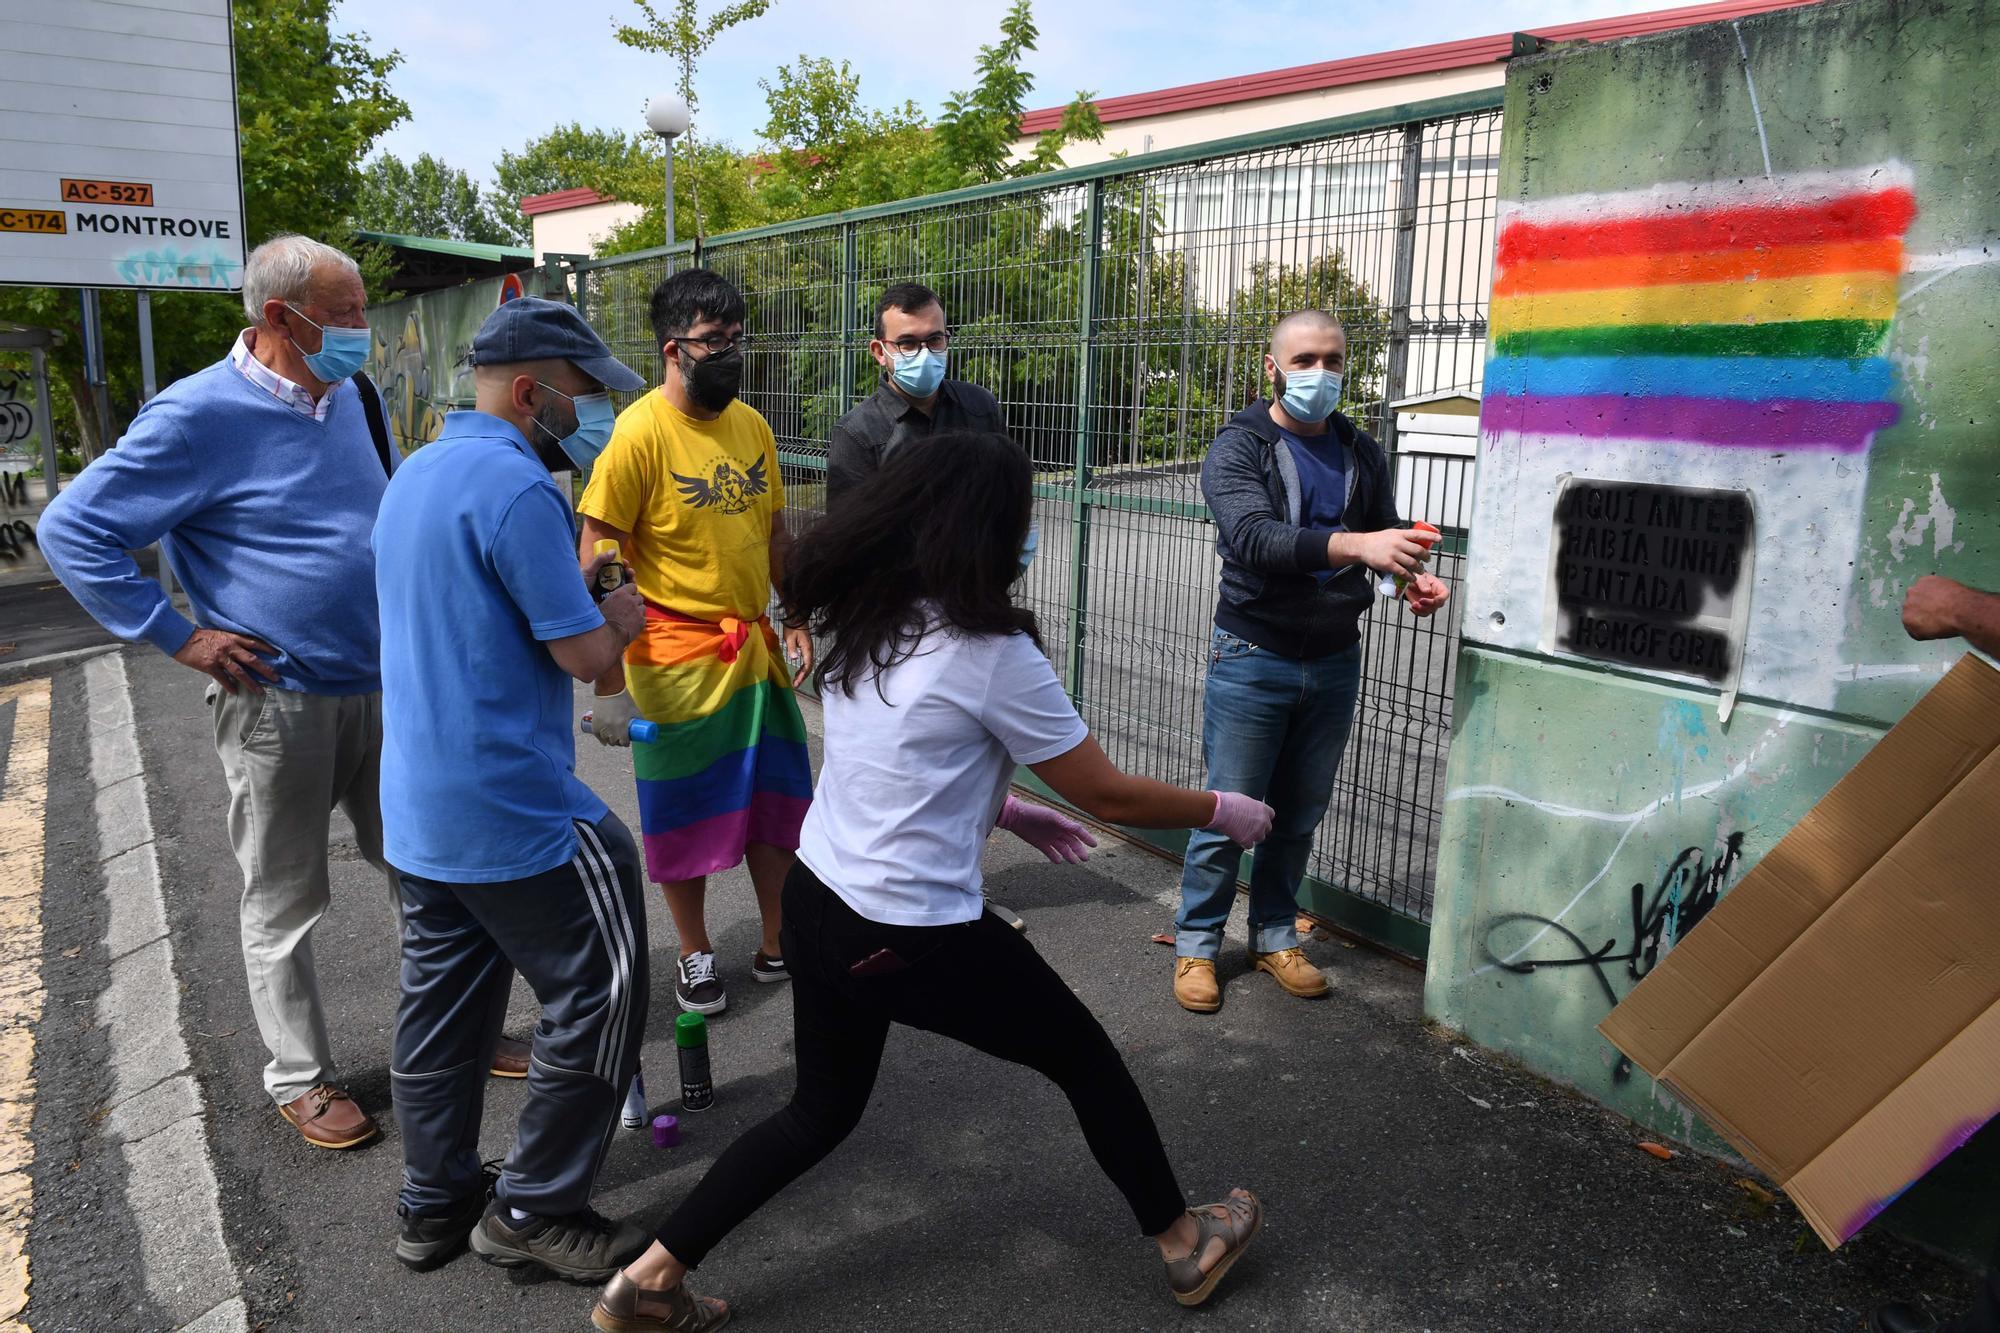 Limpieza de mensajes LGBTófobos en Oleiros